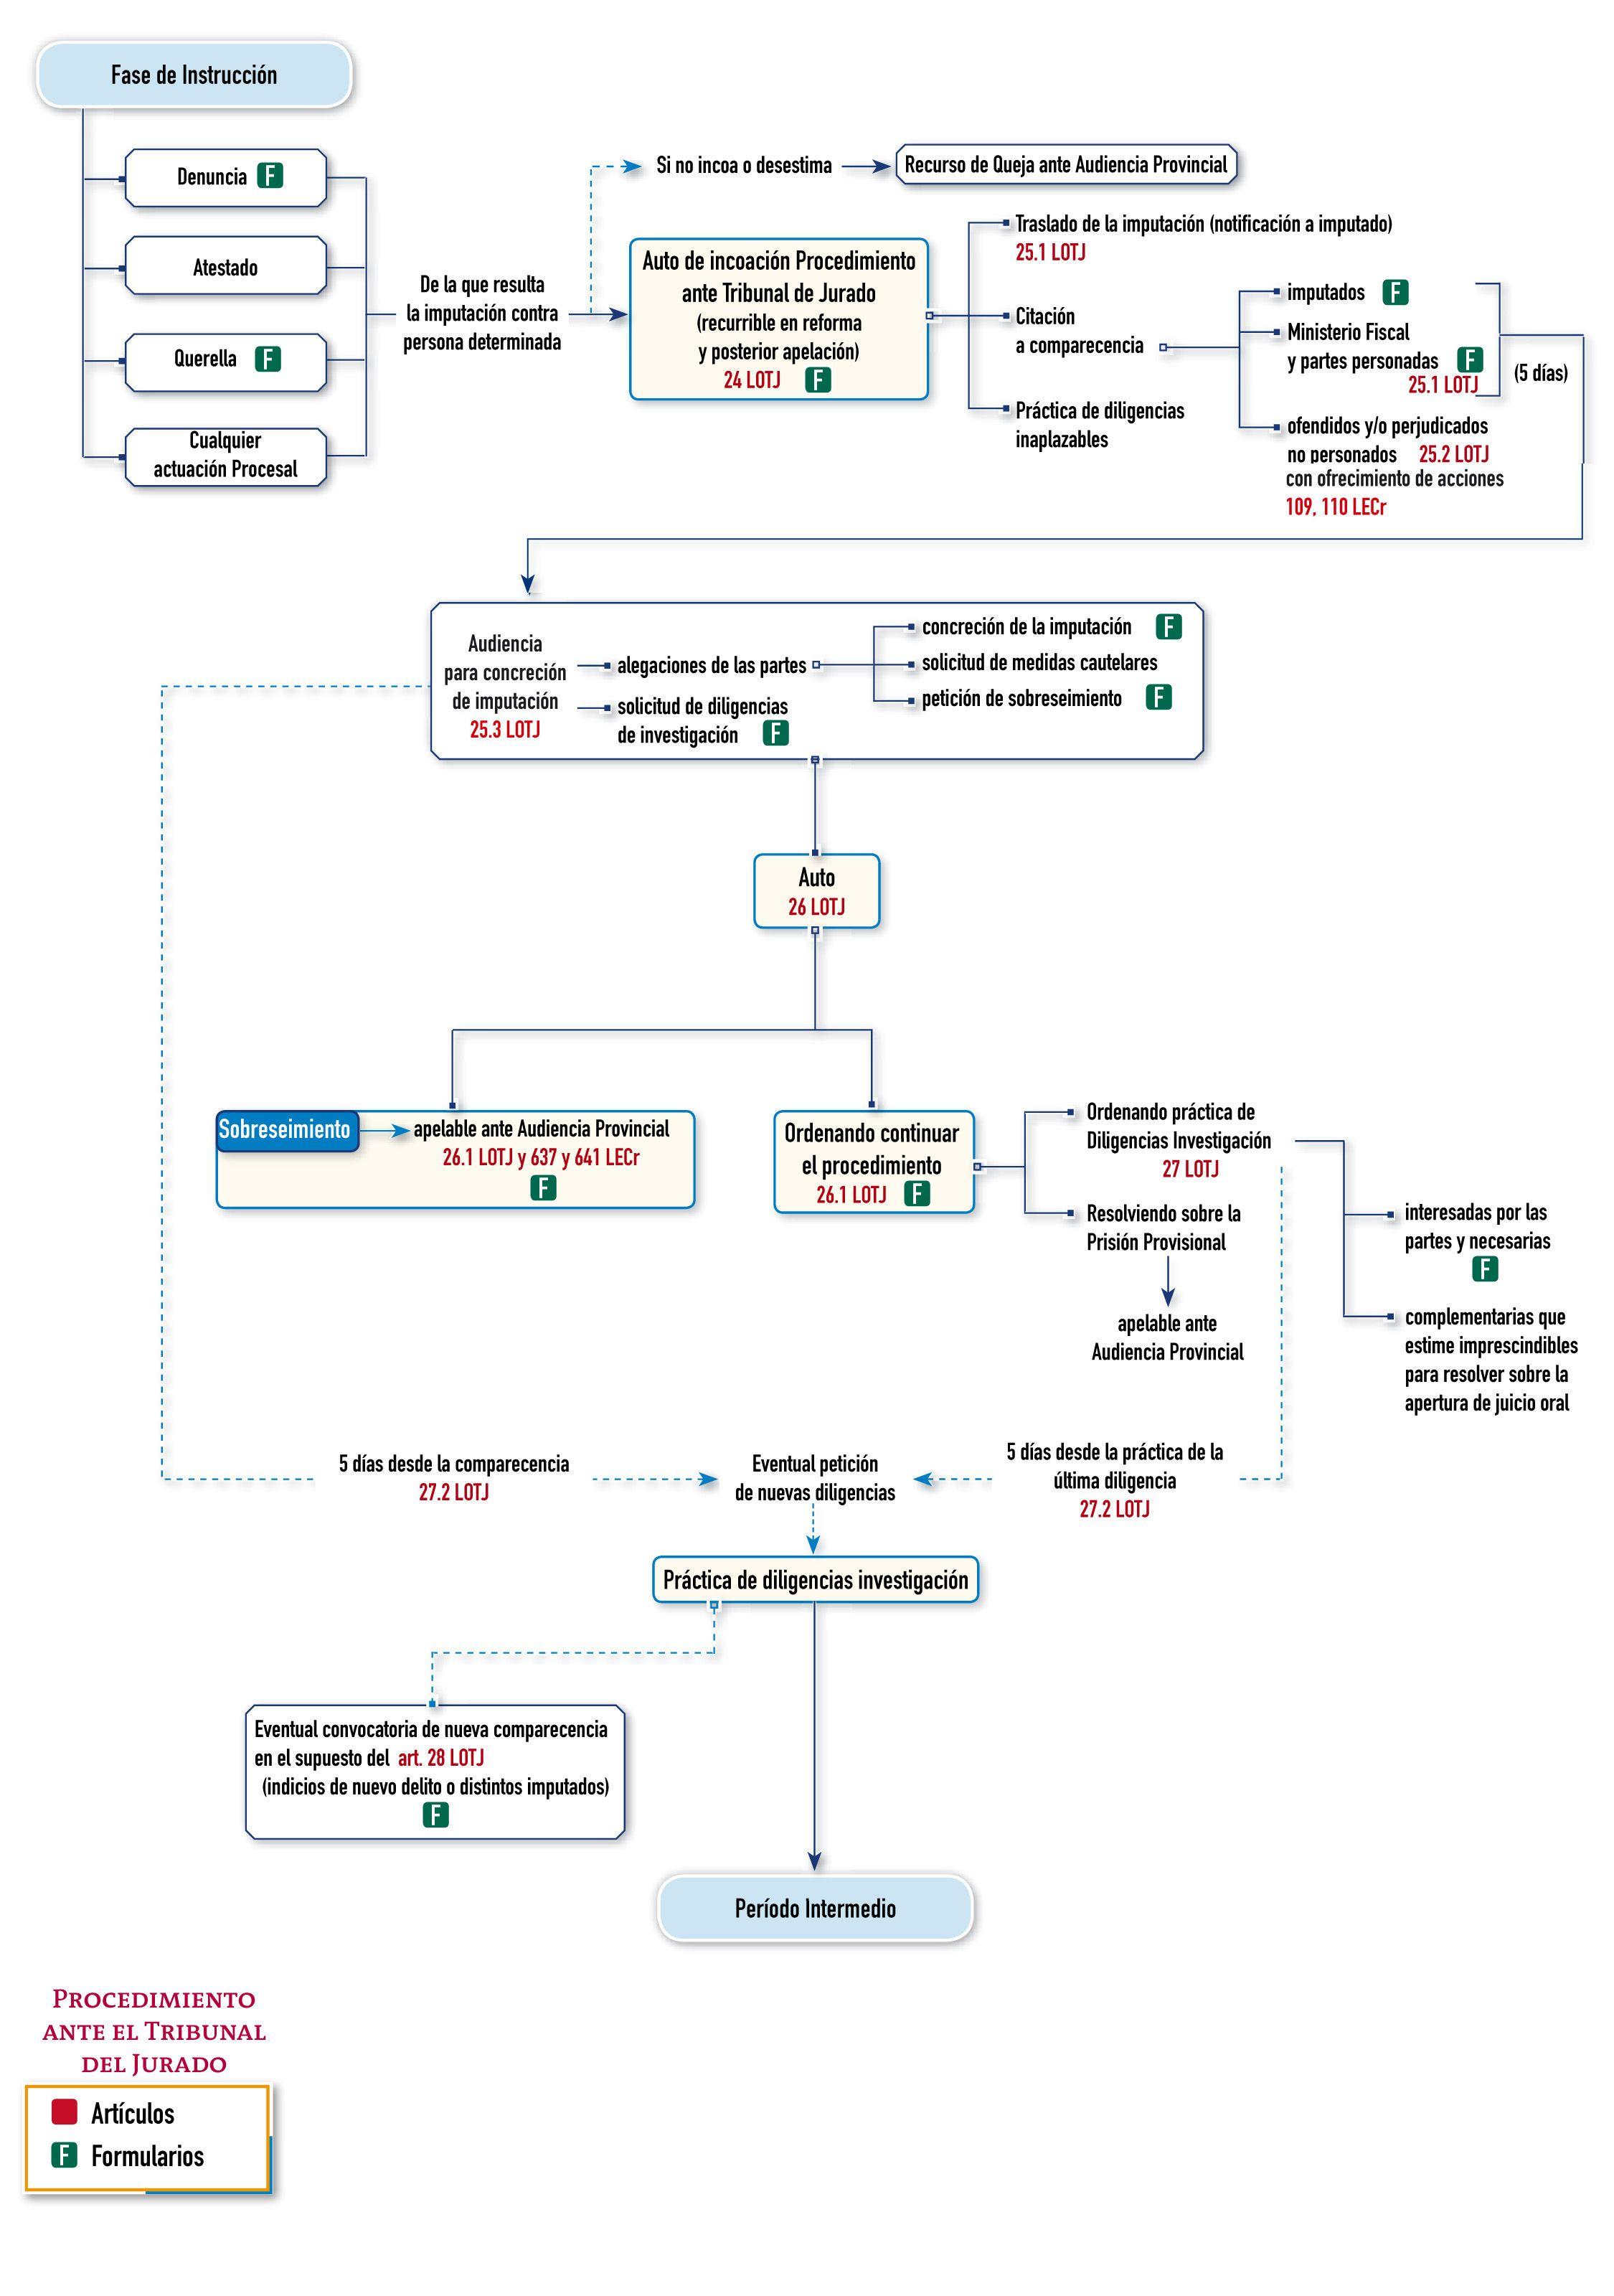 Esquema Proceso Penal Ante El Tribunal Del Jurado Portal Asesoría Y Empresas Thomson Reuters Tribunales Ley Procedimiento Administrativo Oposicion